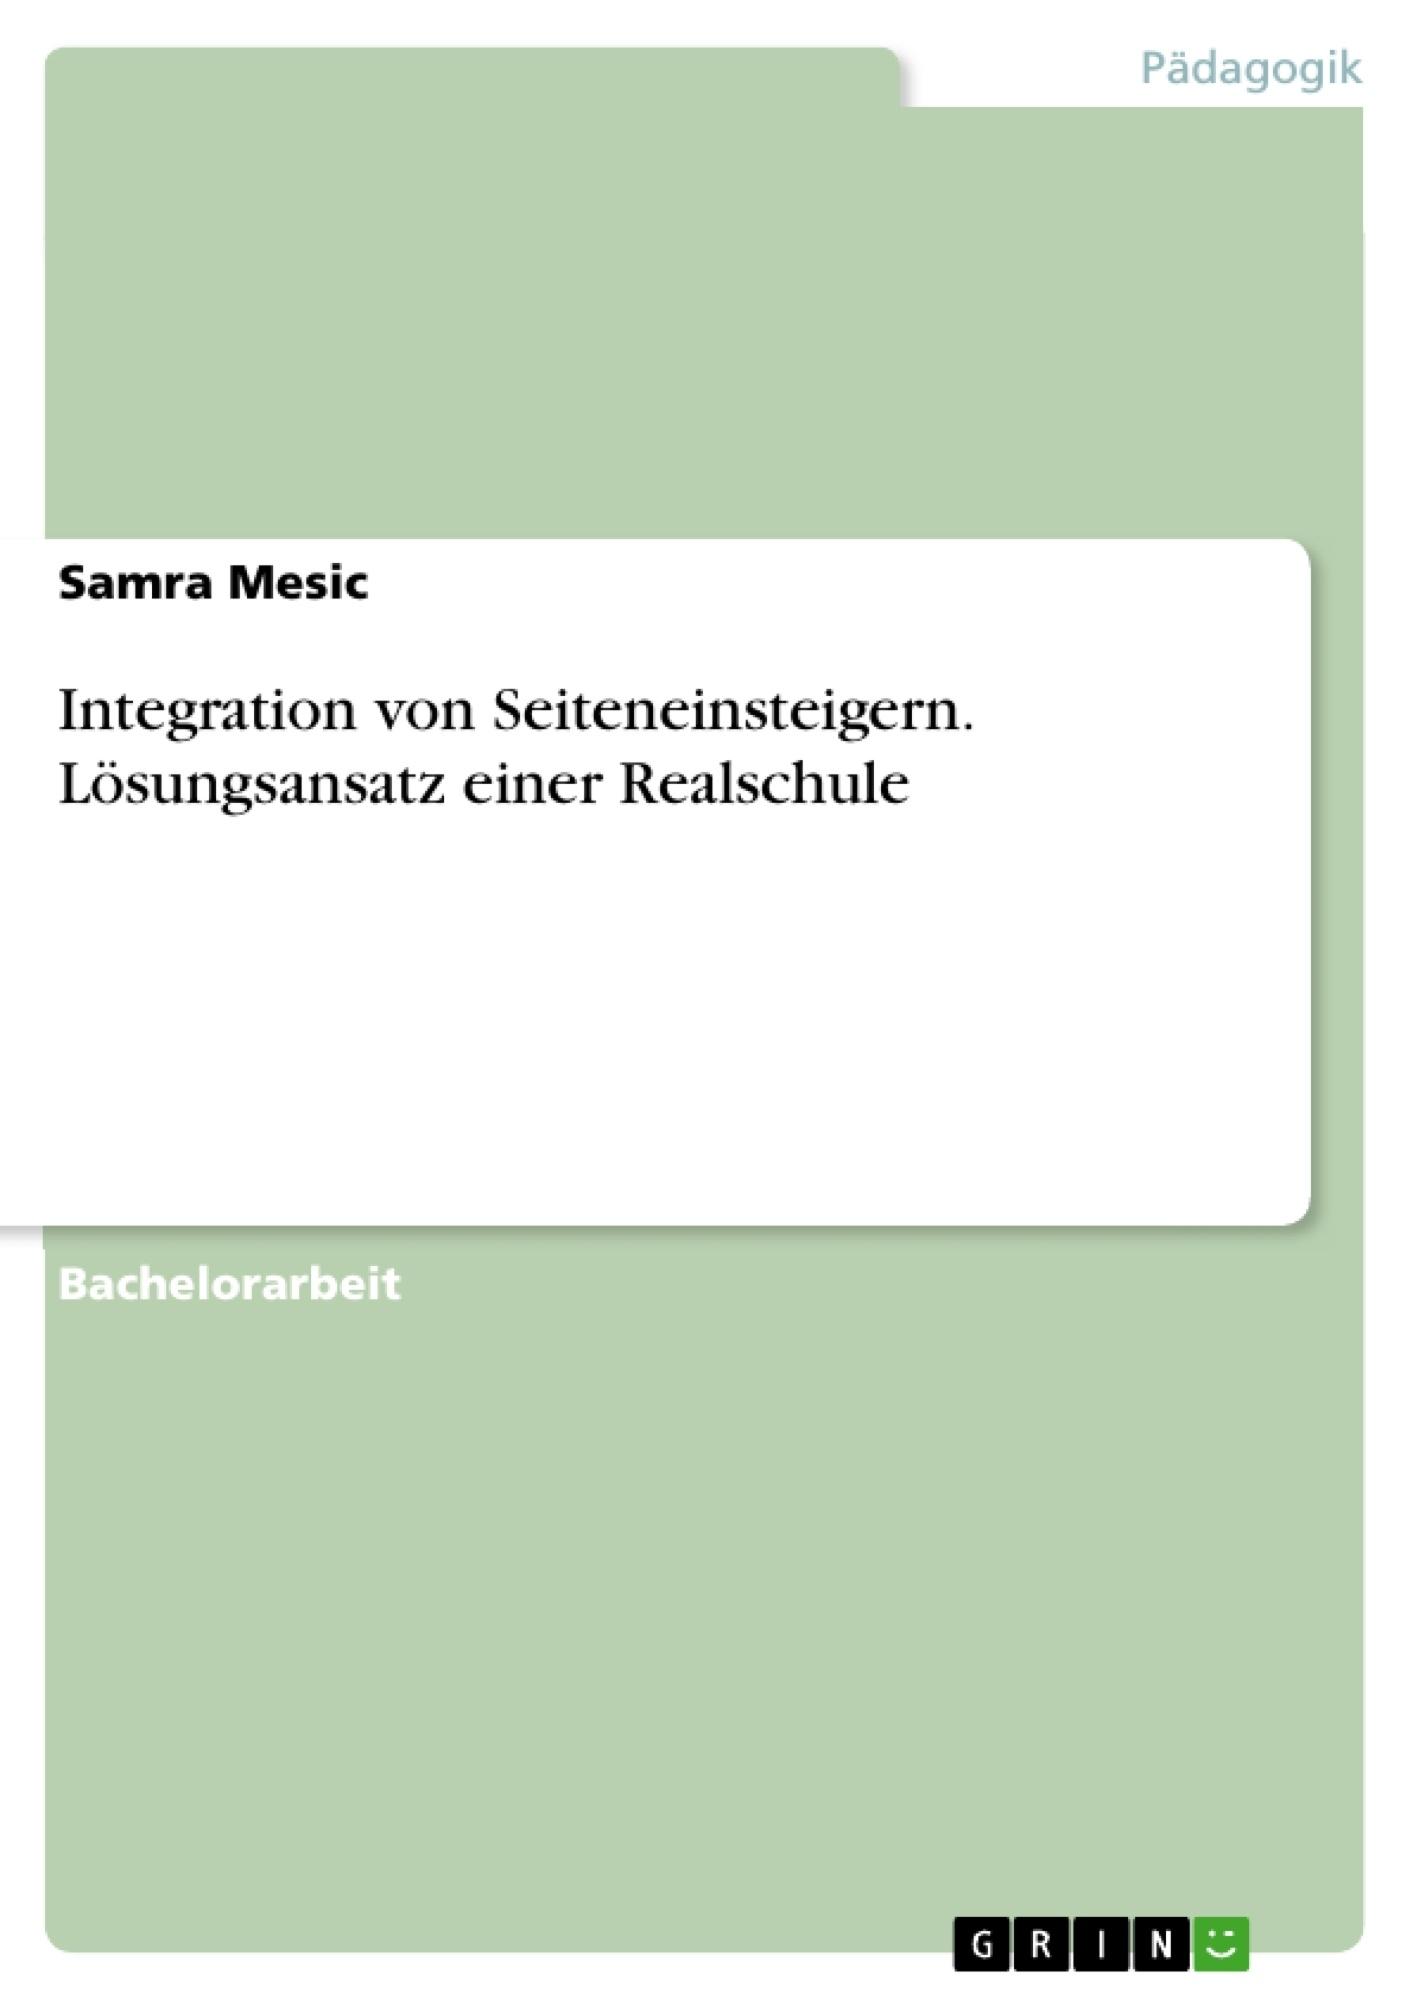 Titel: Integration von Seiteneinsteigern. Lösungsansatz einer Realschule